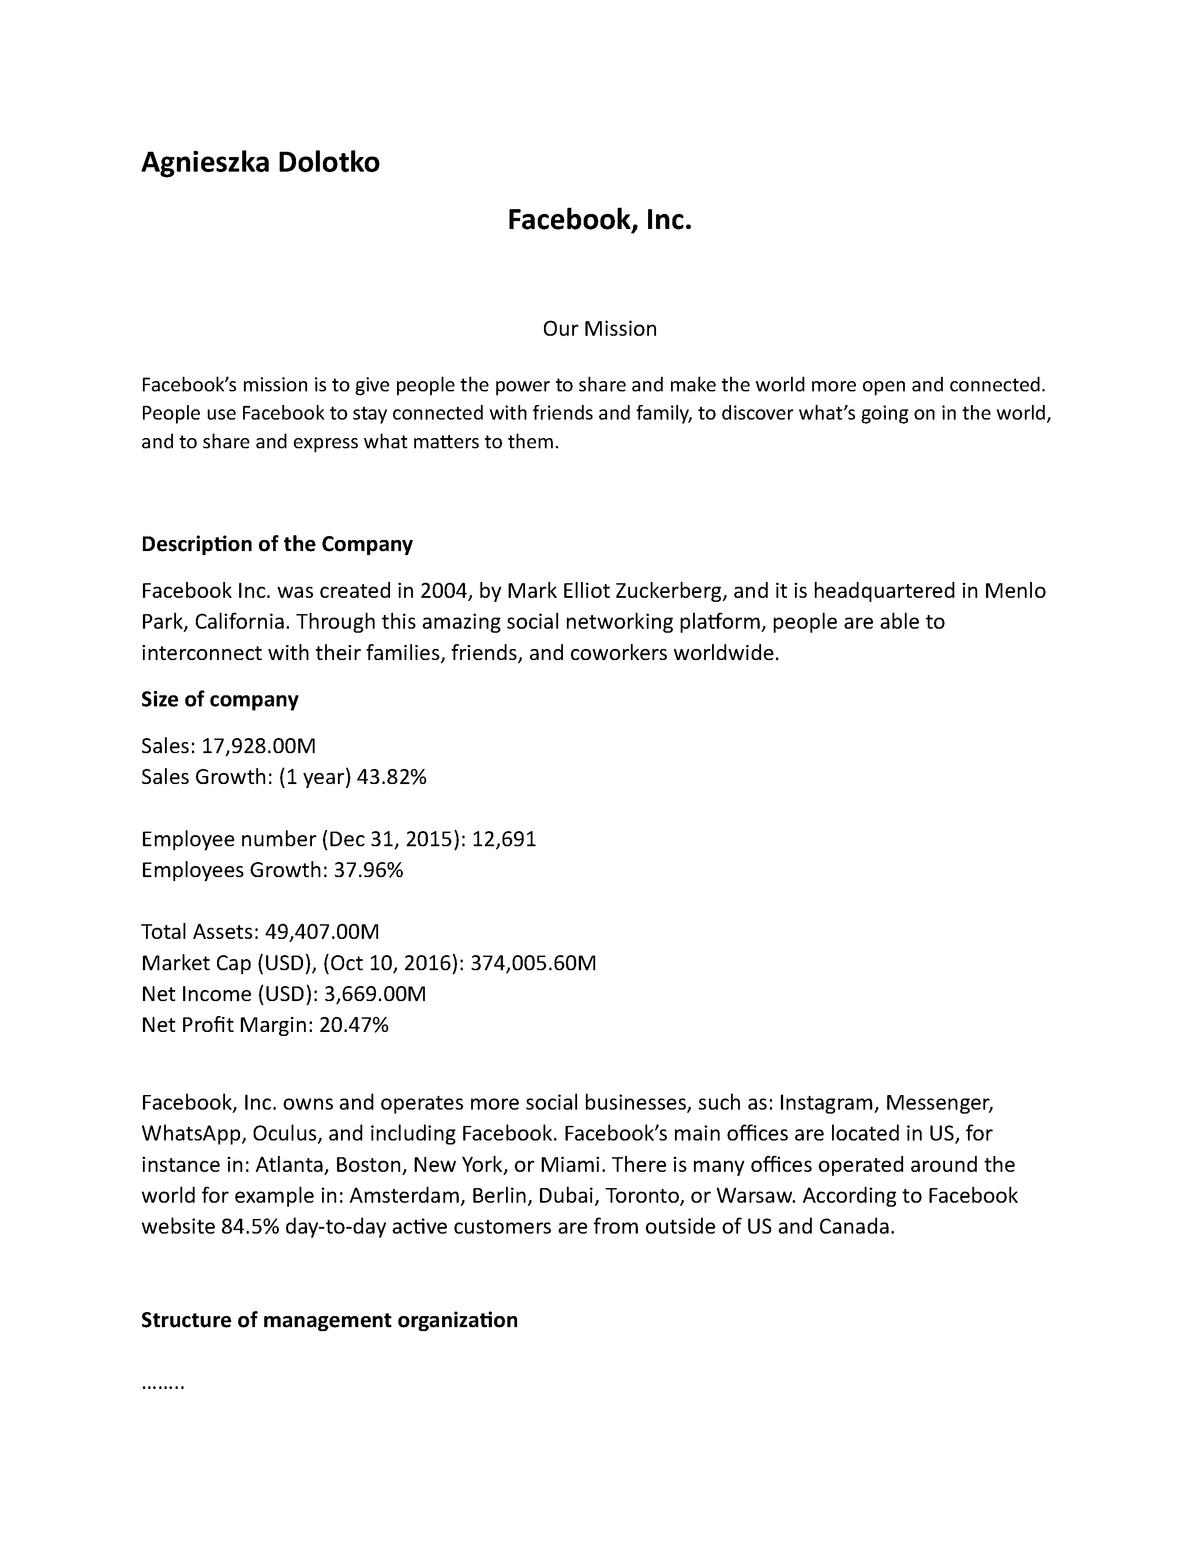 FSA 1 - Assignment 1 - FINA 36675: Financial Statement